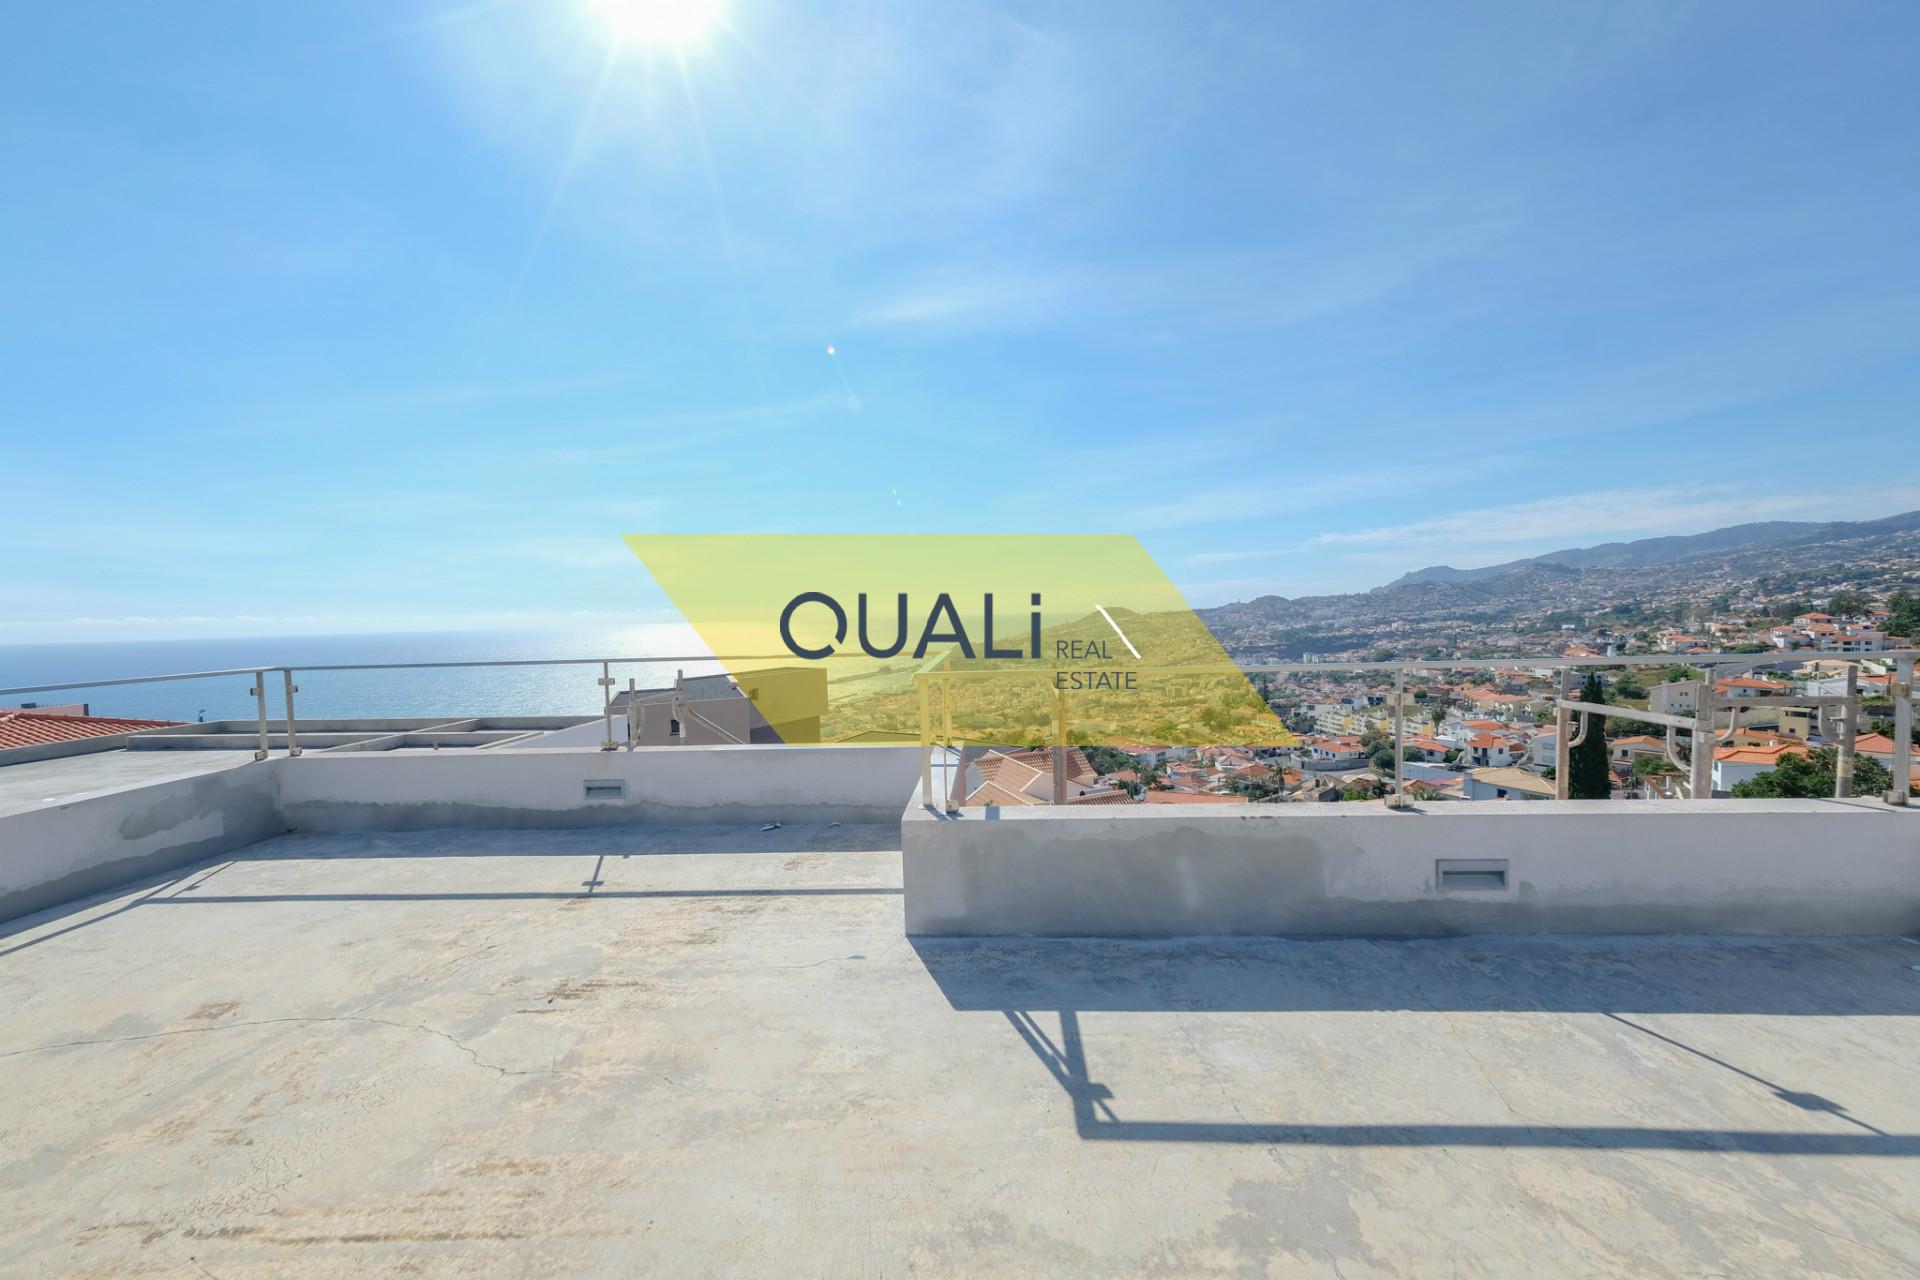 Villa con magnifica vista sul mare, Funchal - Isola di Madeira - € 625.000,00